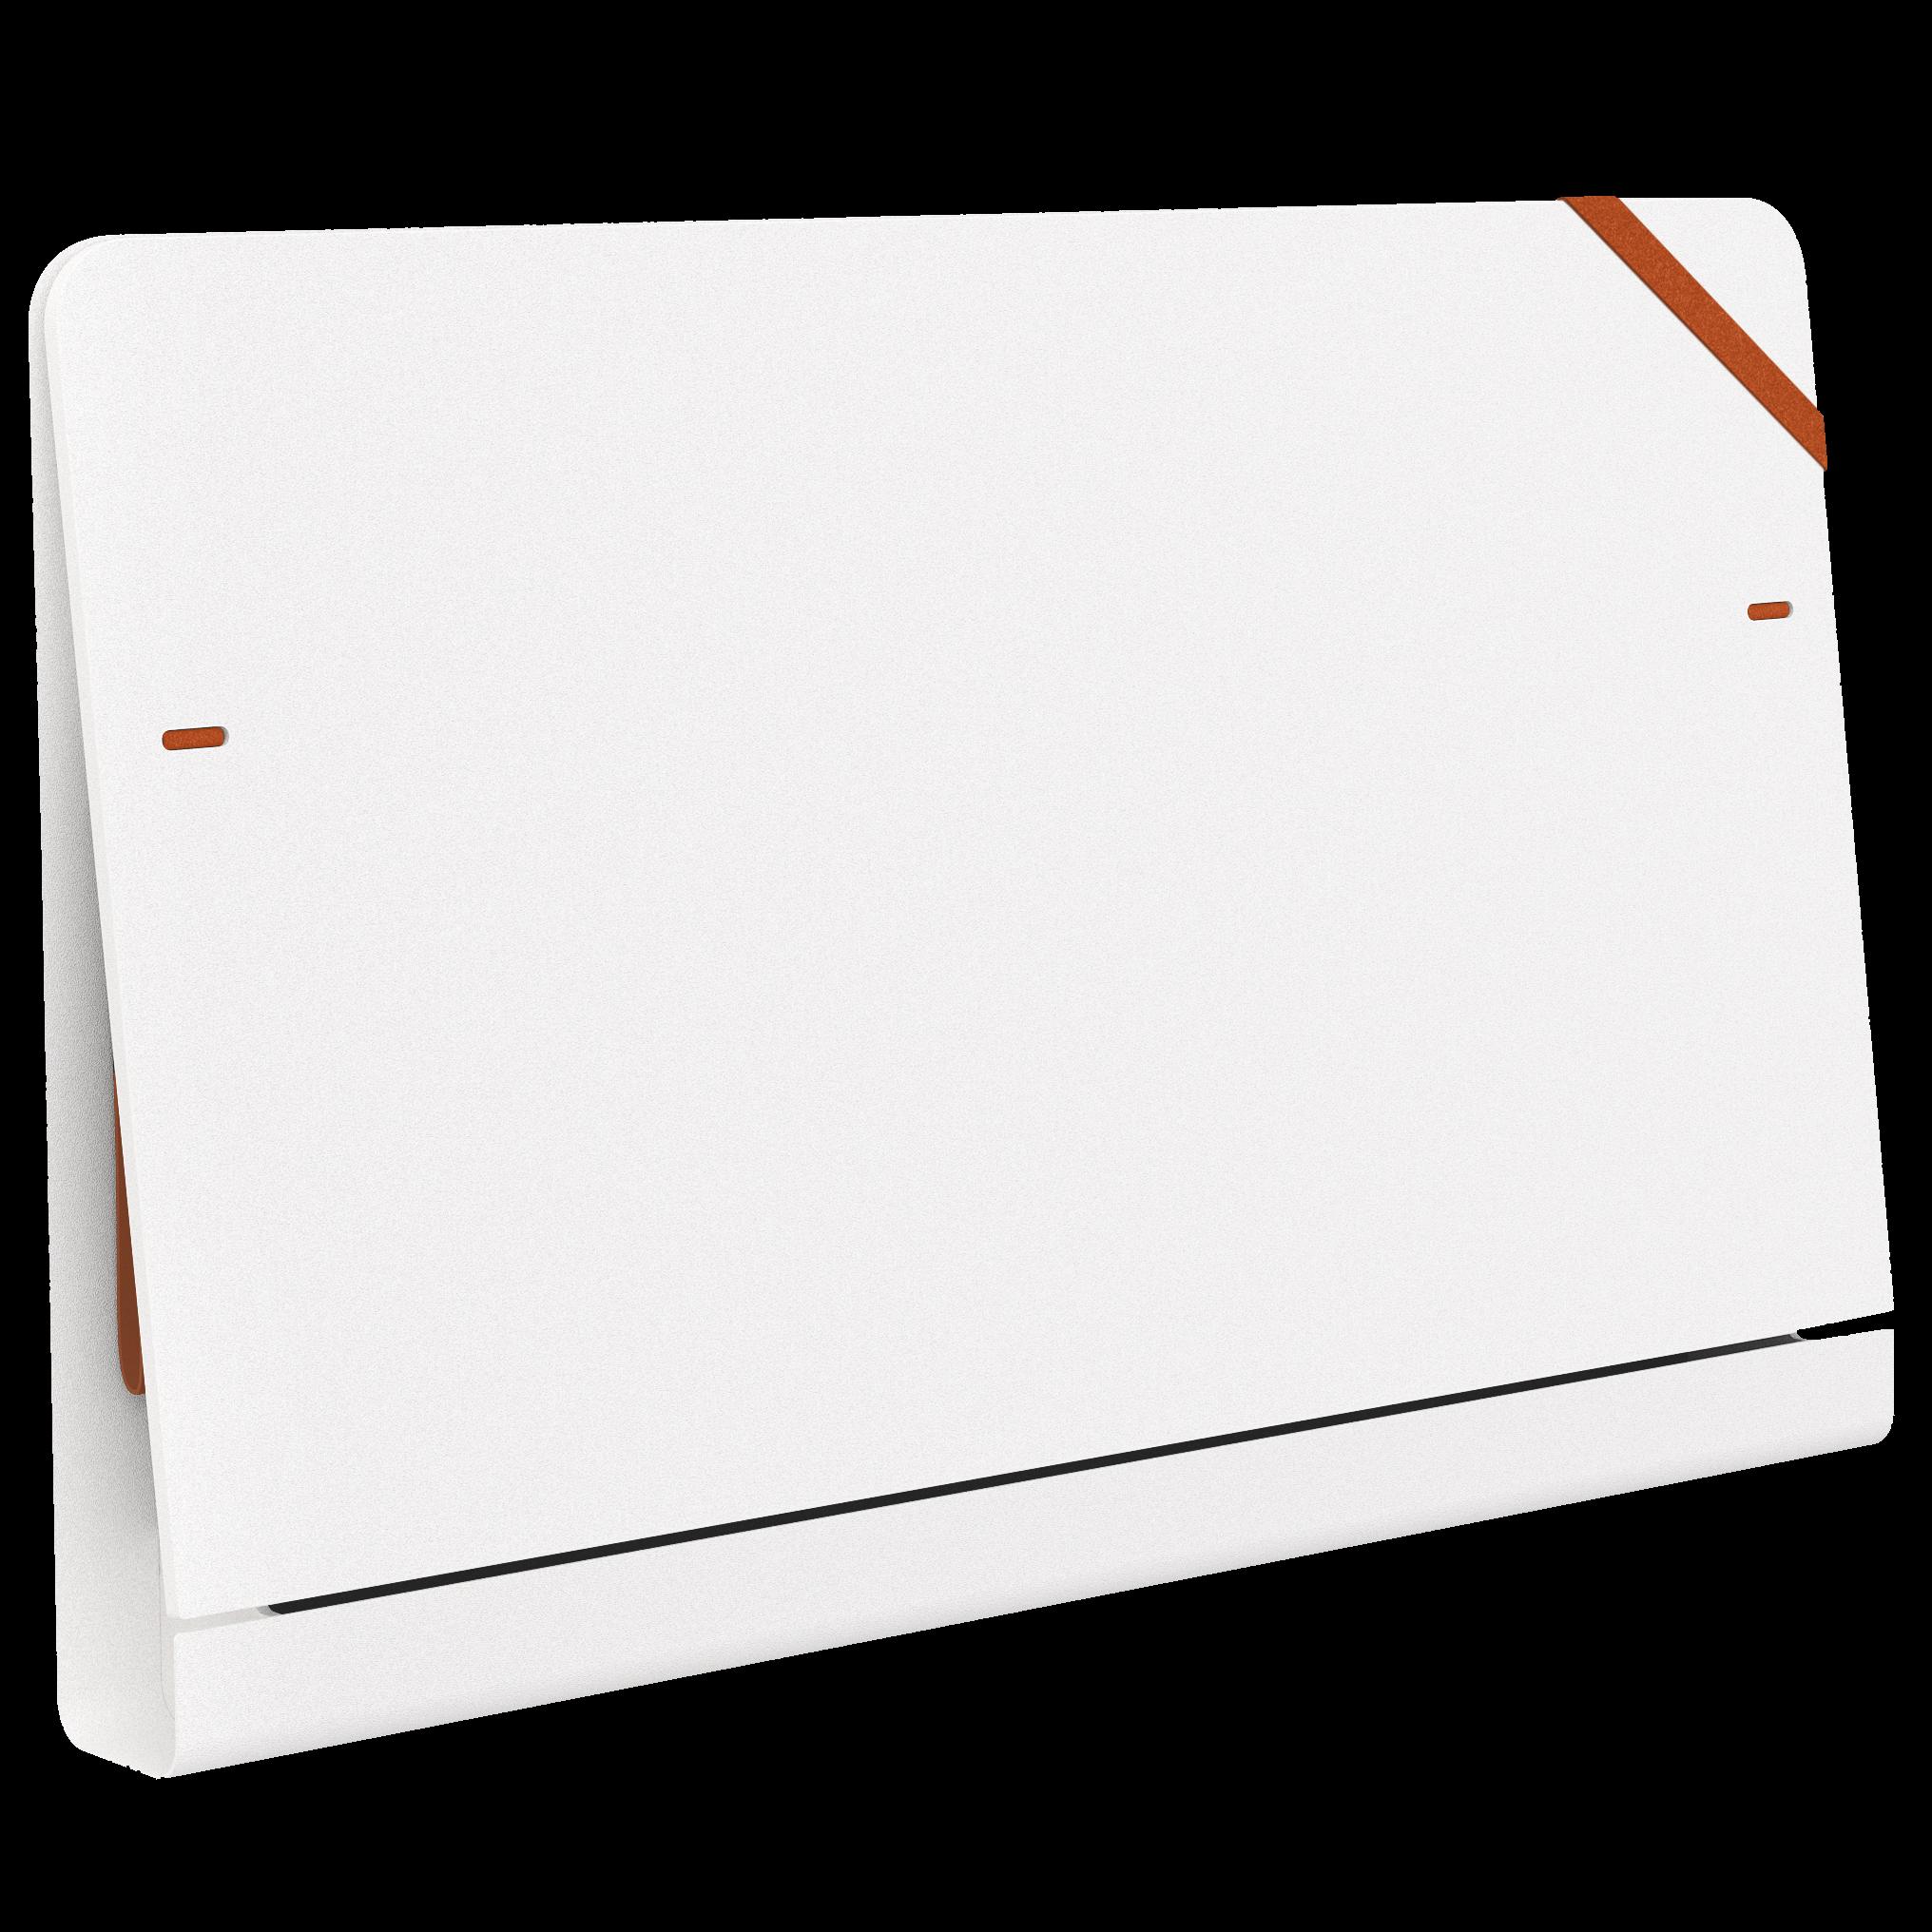 Brunner_notebook_9032_zu_weiß_orange_ohne_Schatten_auf_grau-2